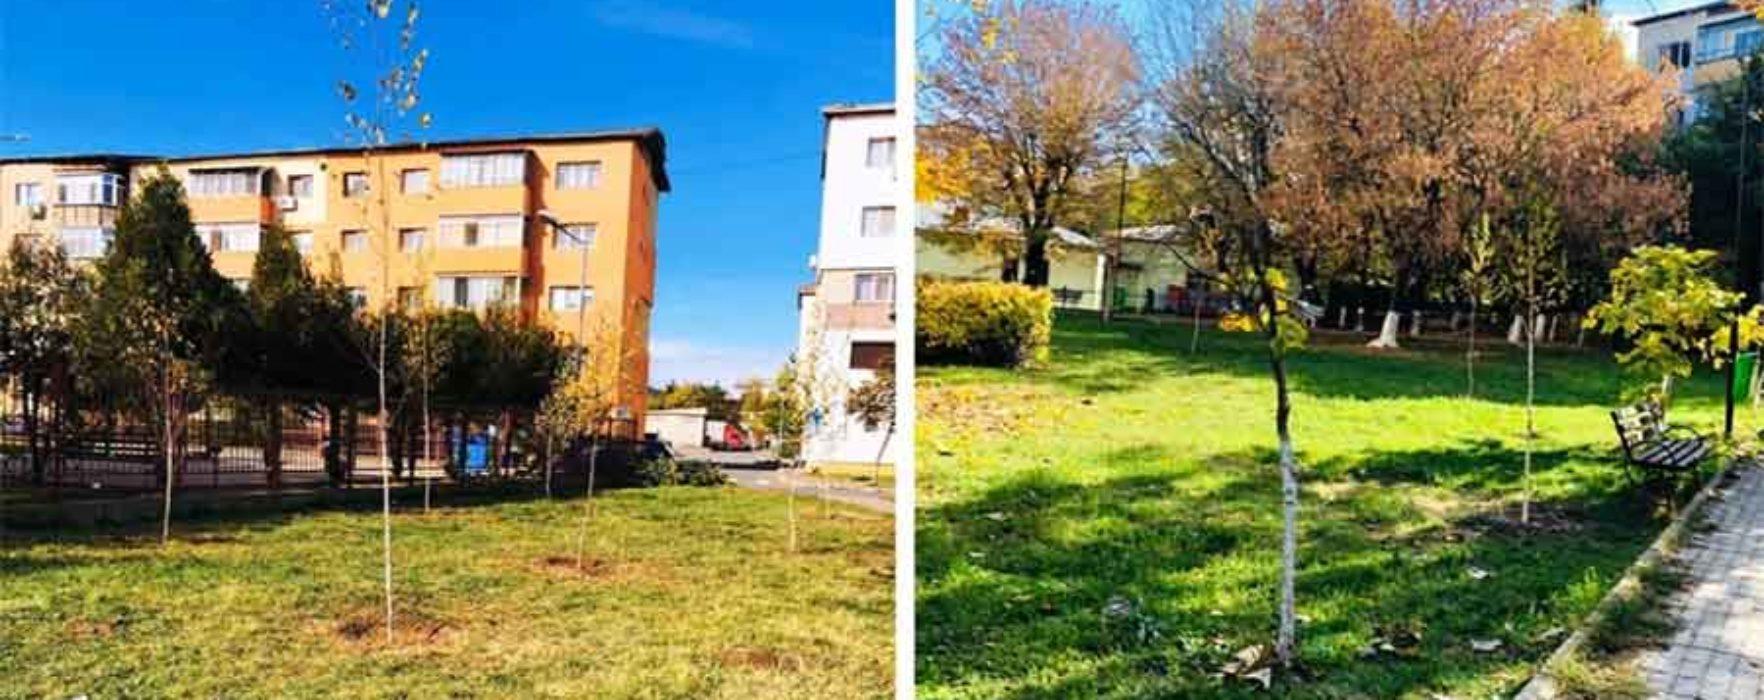 Târgovişte: Aproximativ 1.000 de arbori şi arbuşti vor fi plantaţi în noiembrie în municipiu